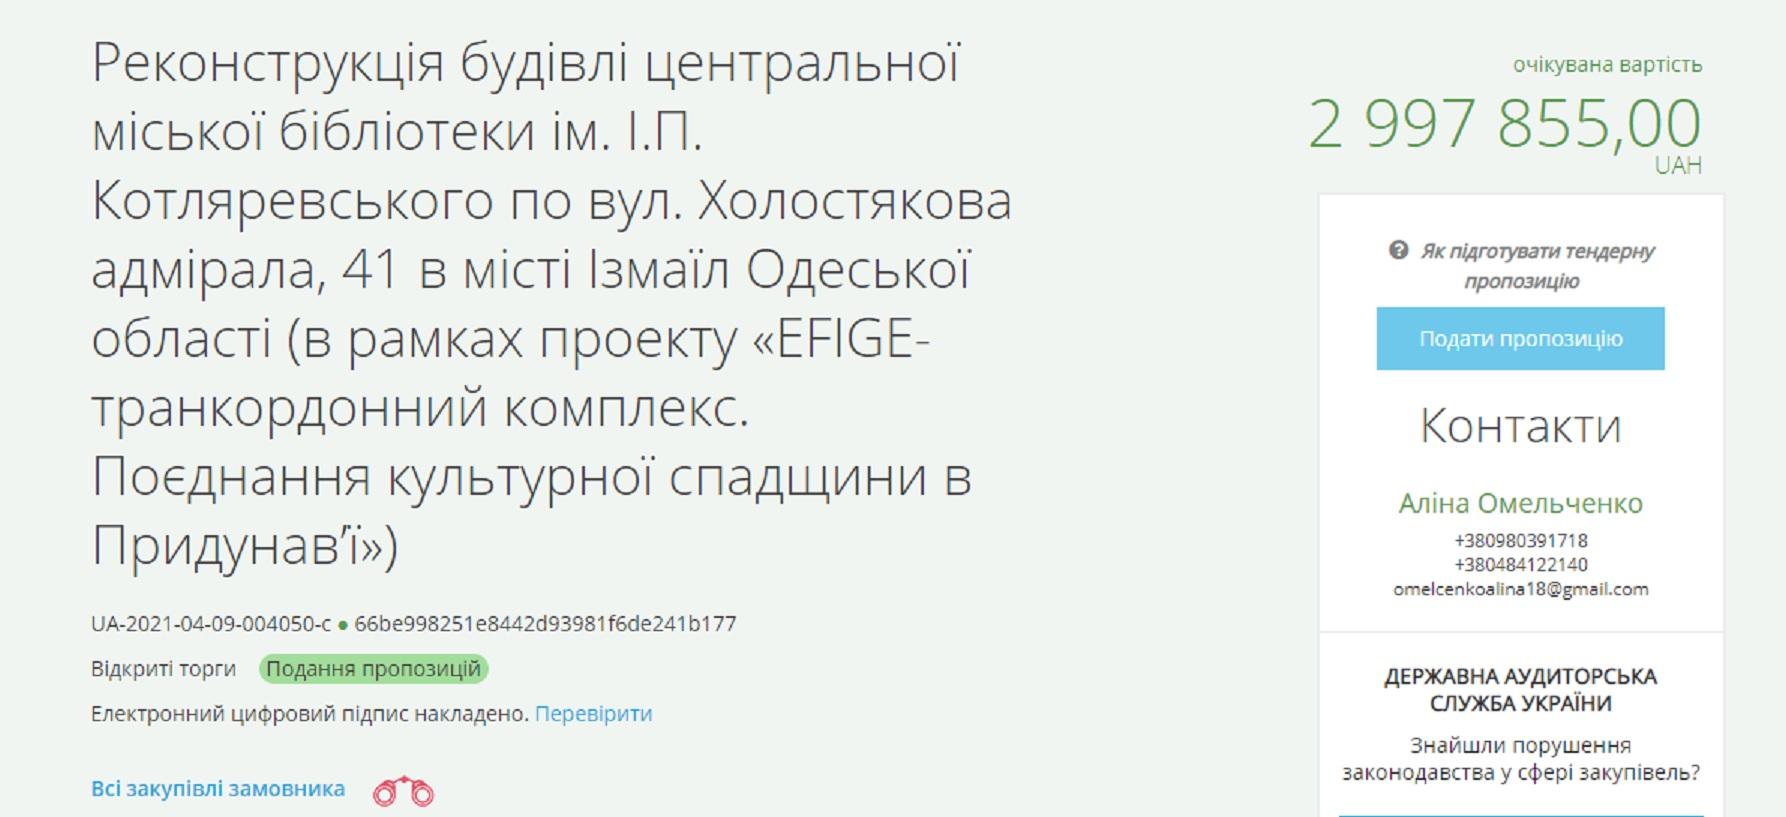 В Измаиле в рамках украино-румынского проекта стартовал поиск подрядчика реконструкции библиотеки им. Котляревского